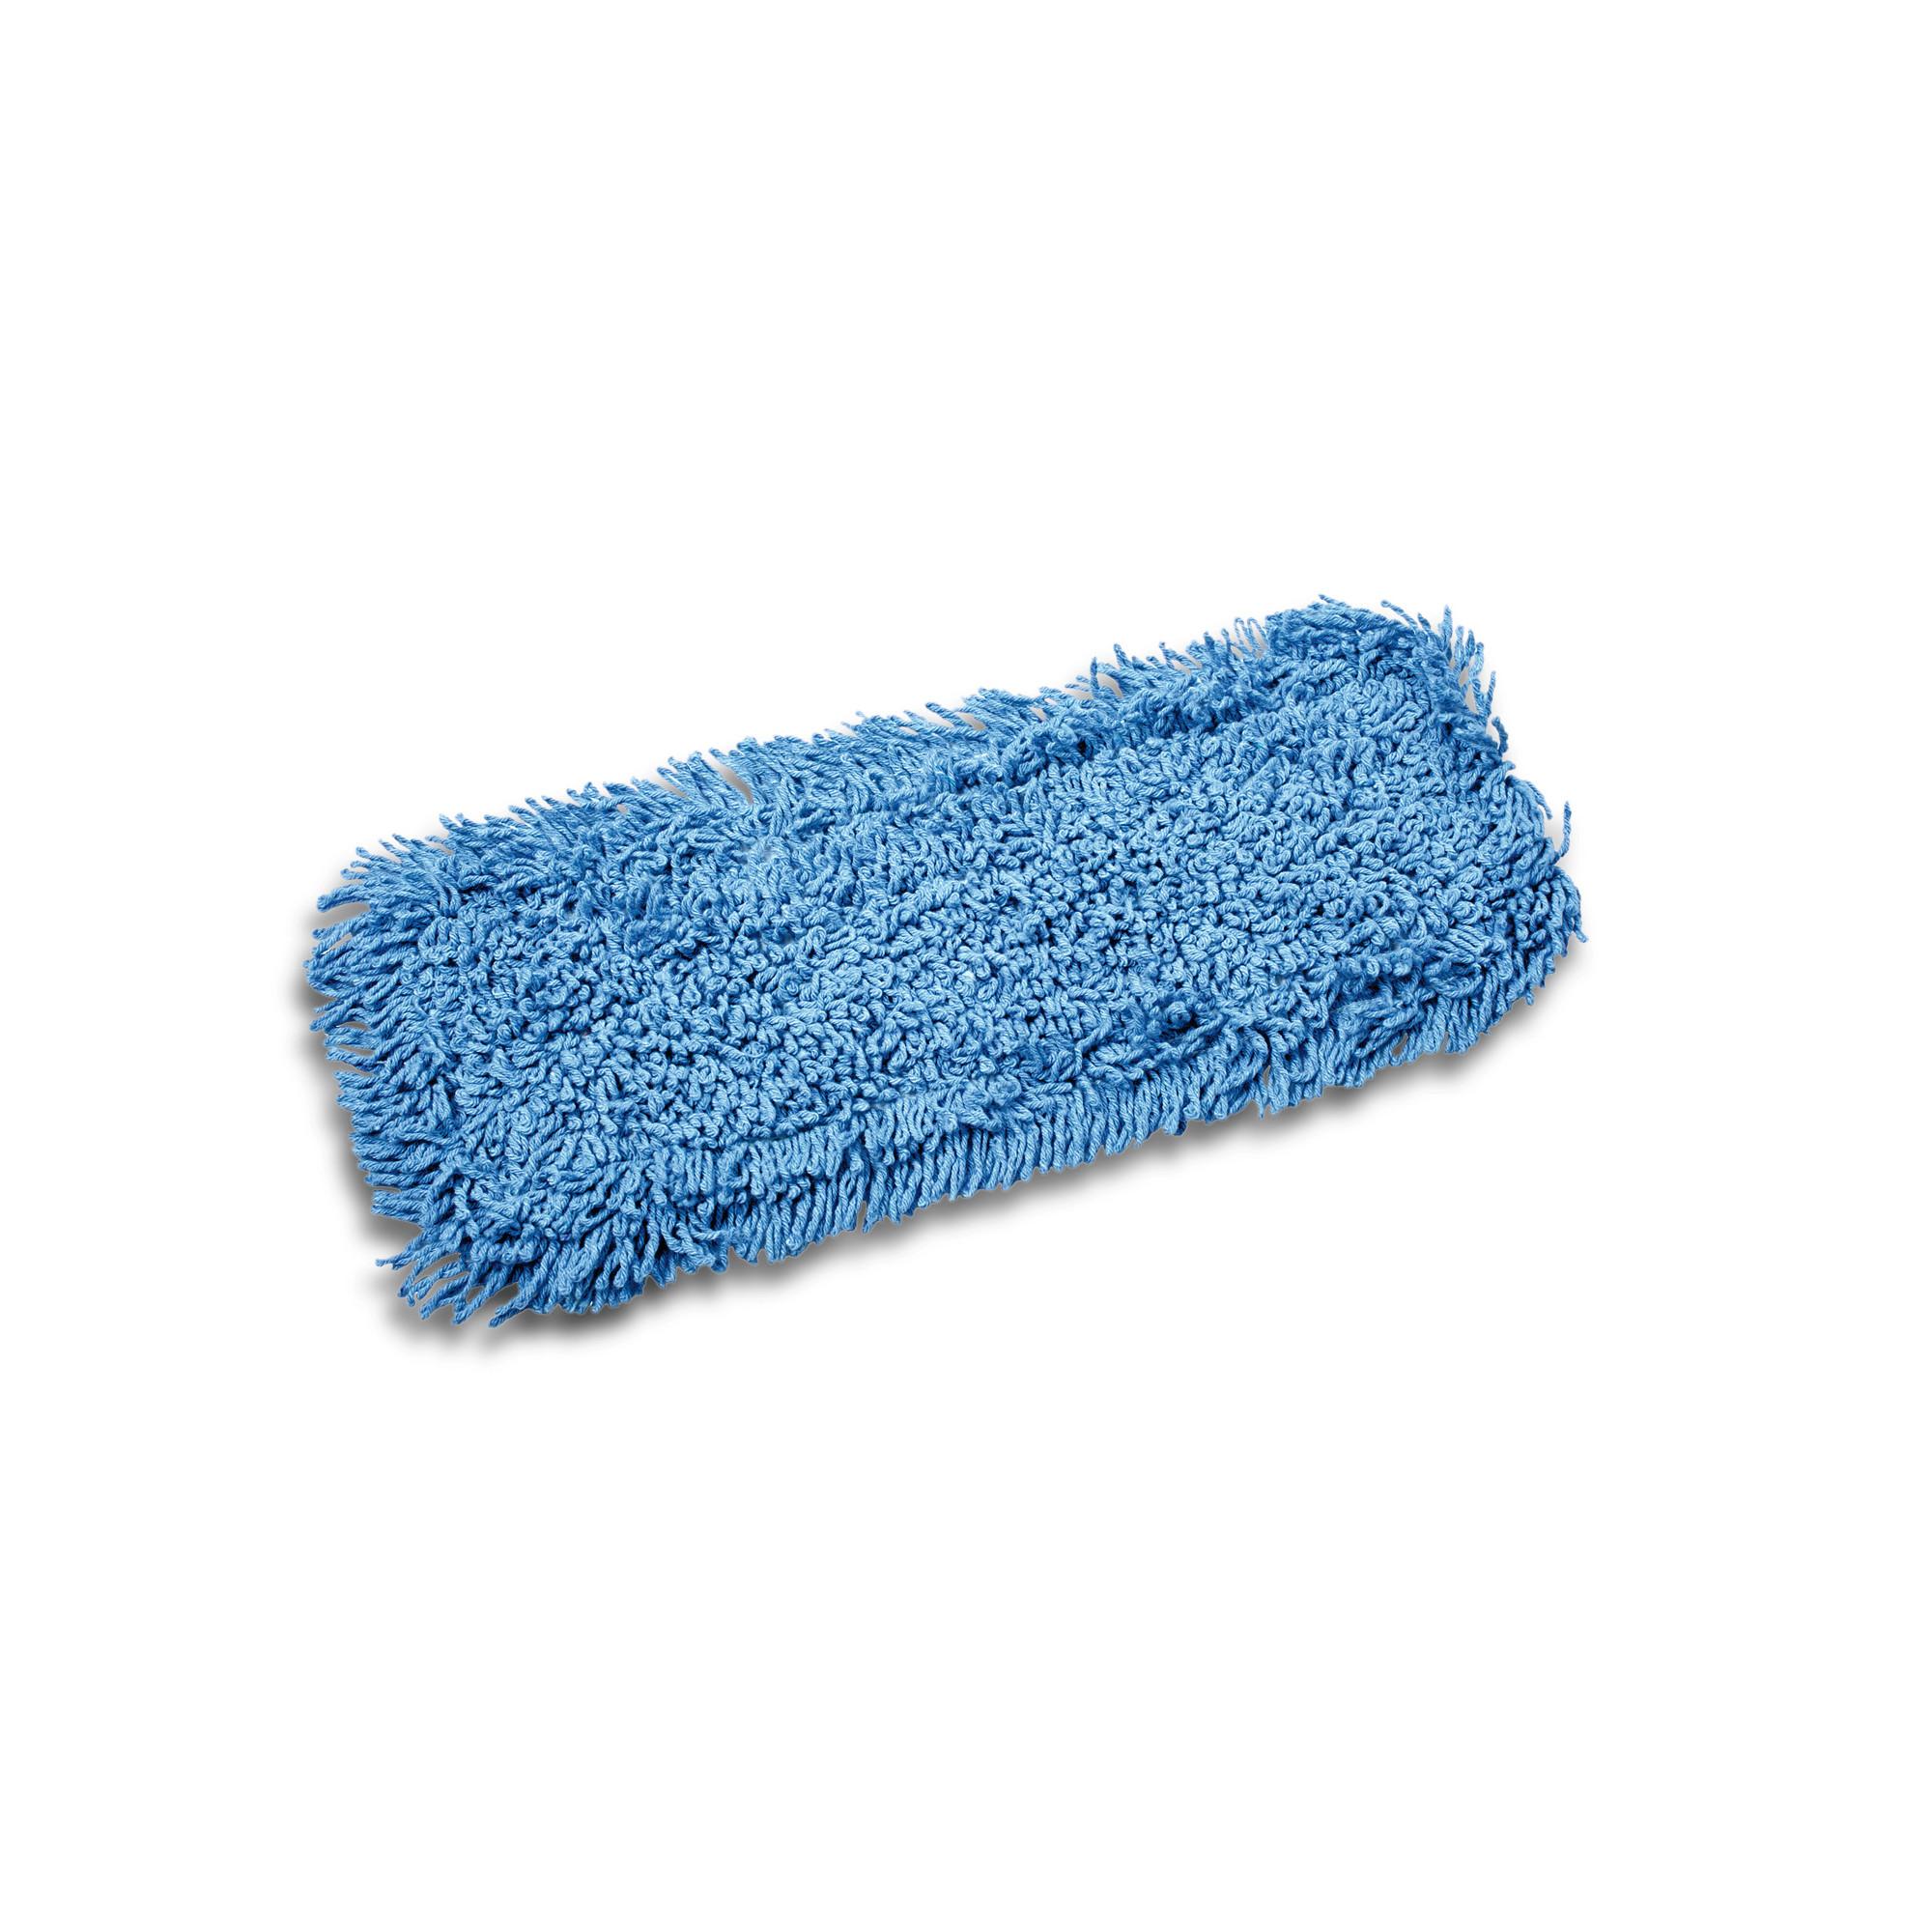 Vadrouille en coton plat antimicrobien - Ruck